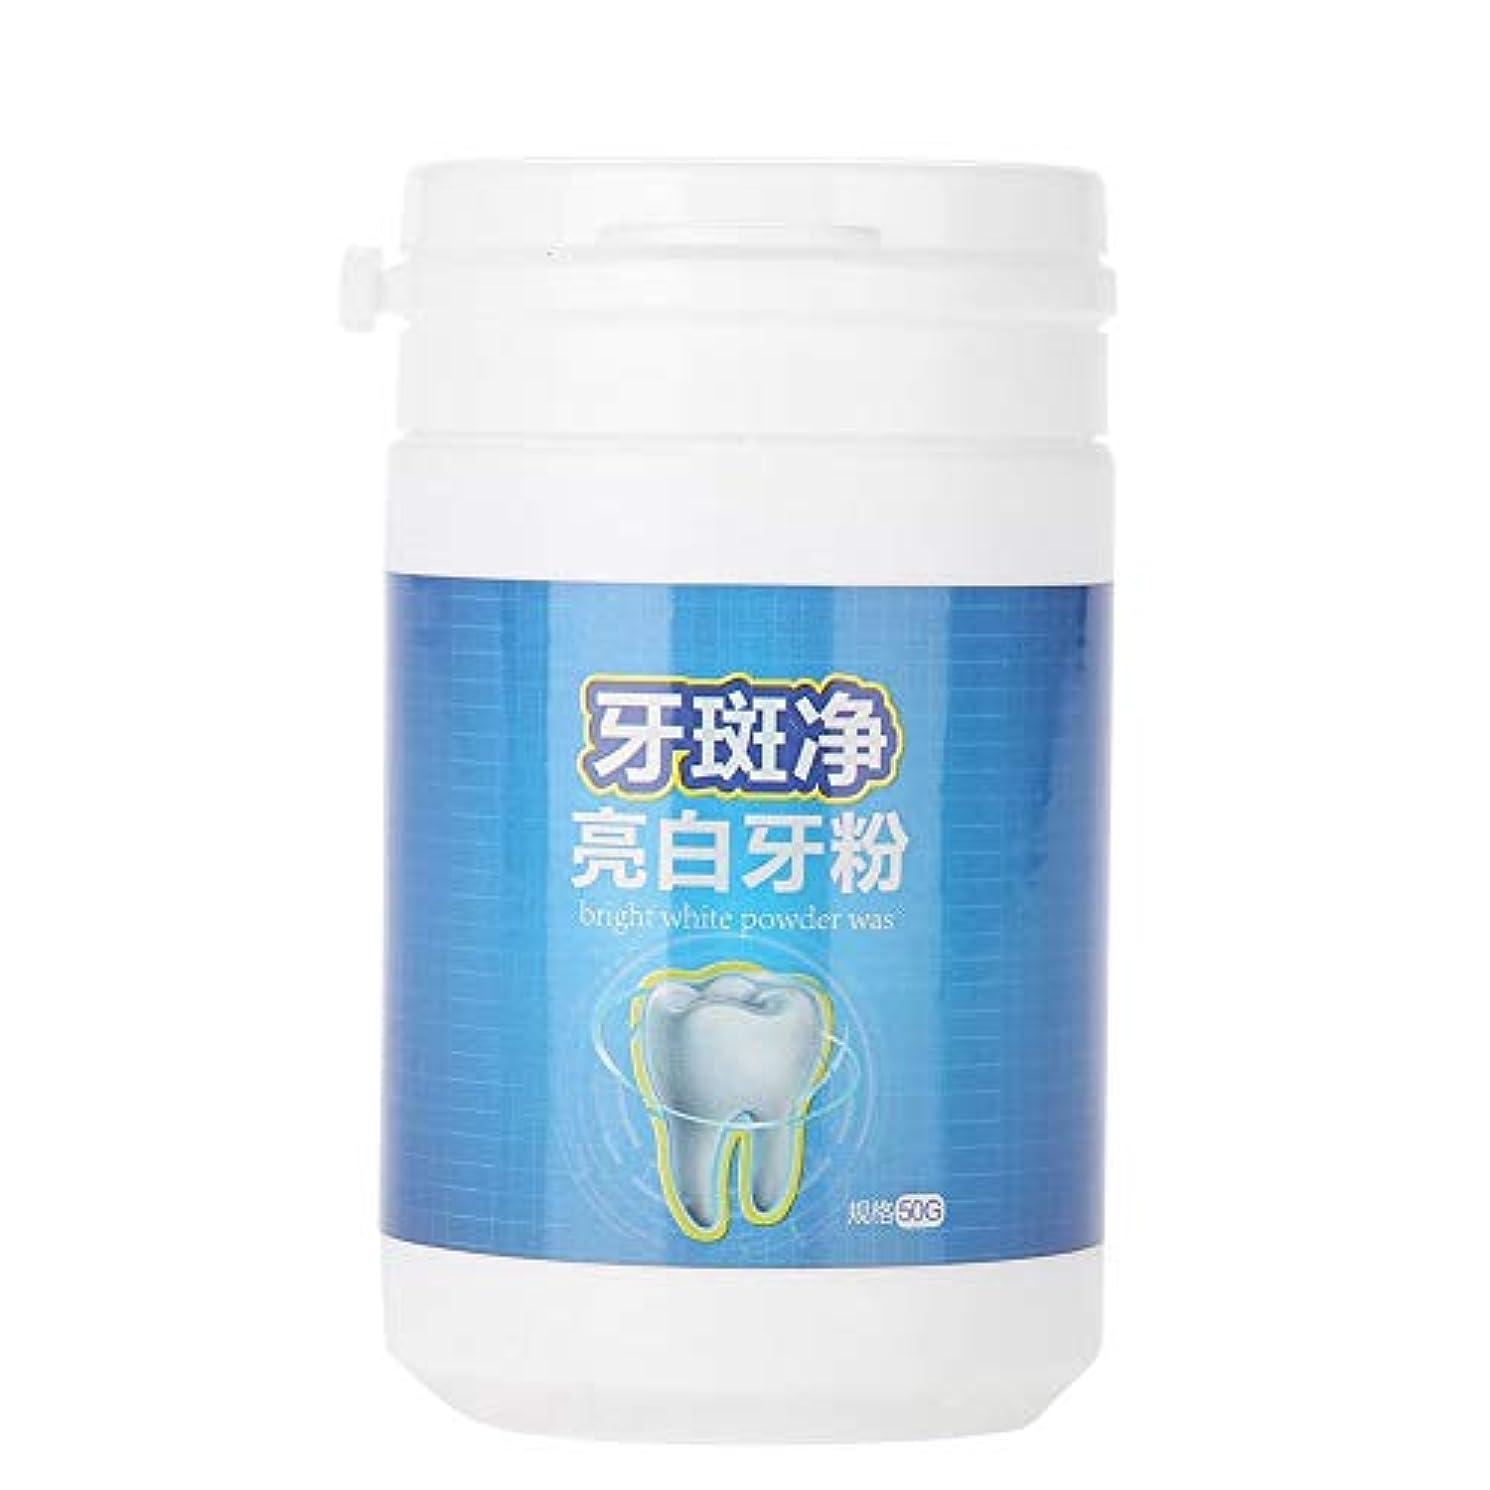 累積来て禁輸粉茶コーヒーの汚れの口臭の取り外しの口腔ケアの粉を白くする口腔ケアの粉50gの歯